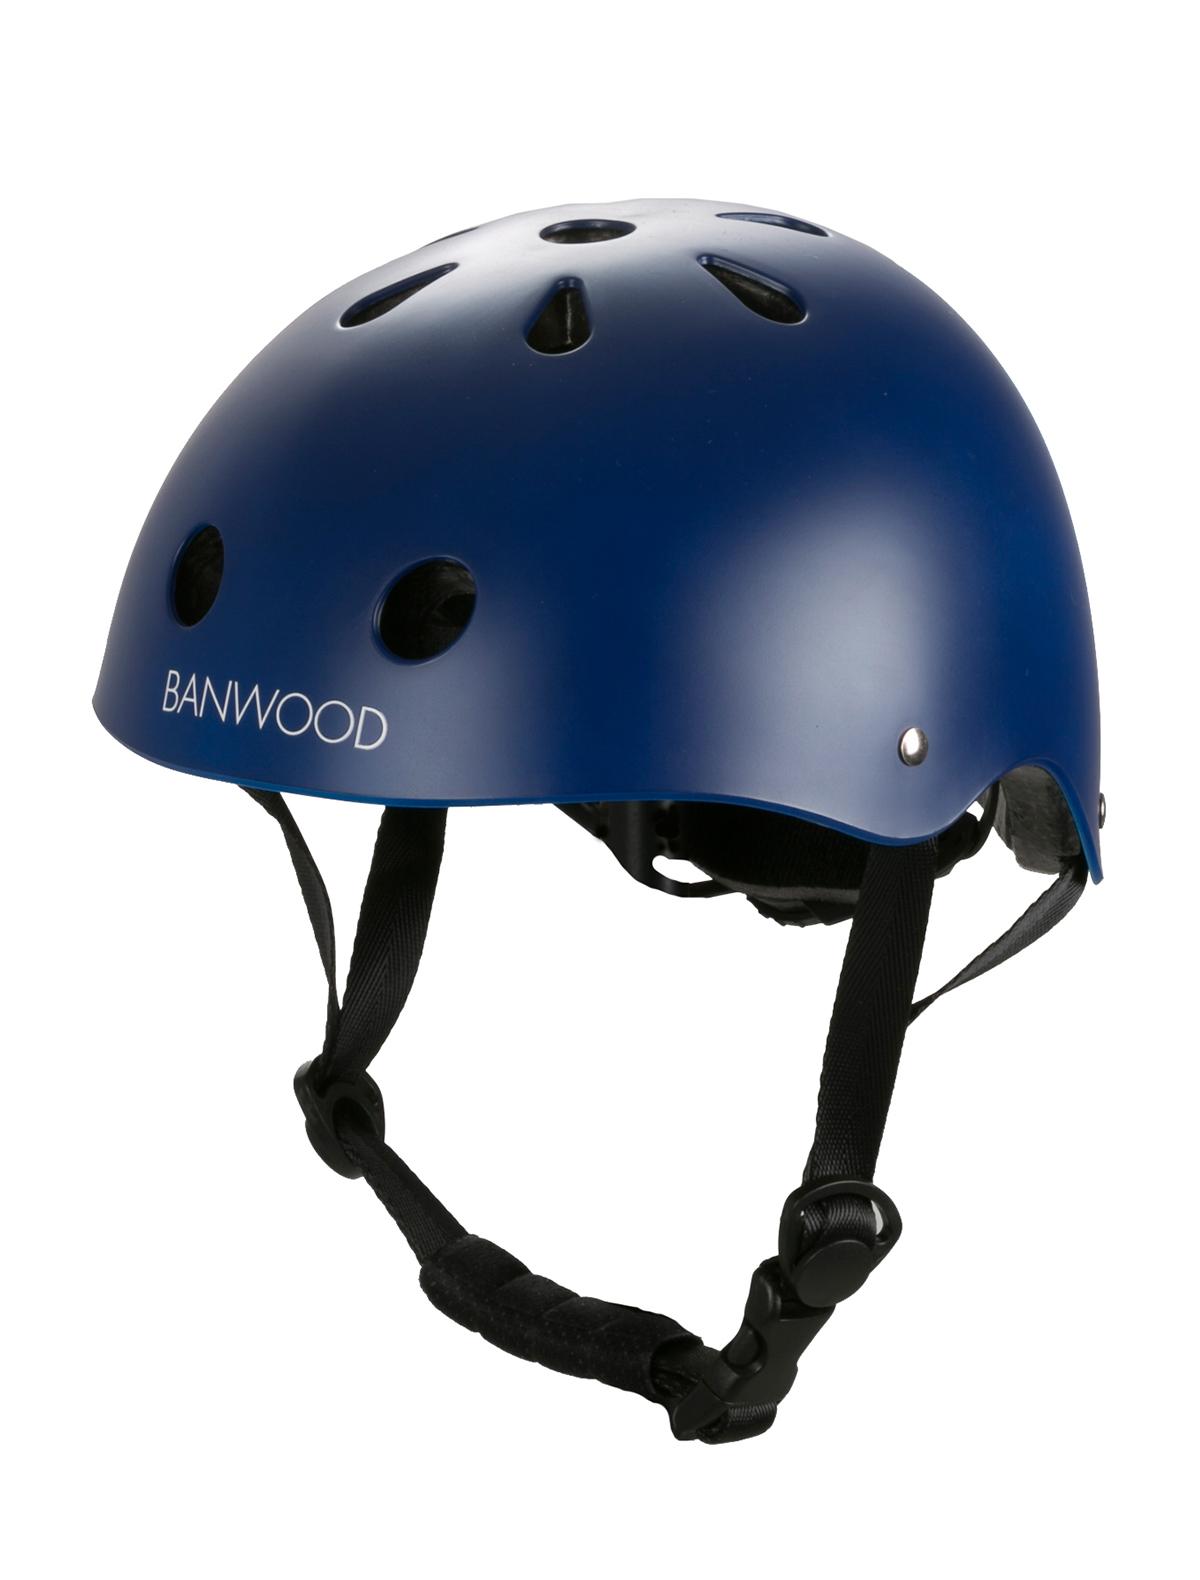 Купить 2213885, Шлем Banwood, синий, 5424520070018